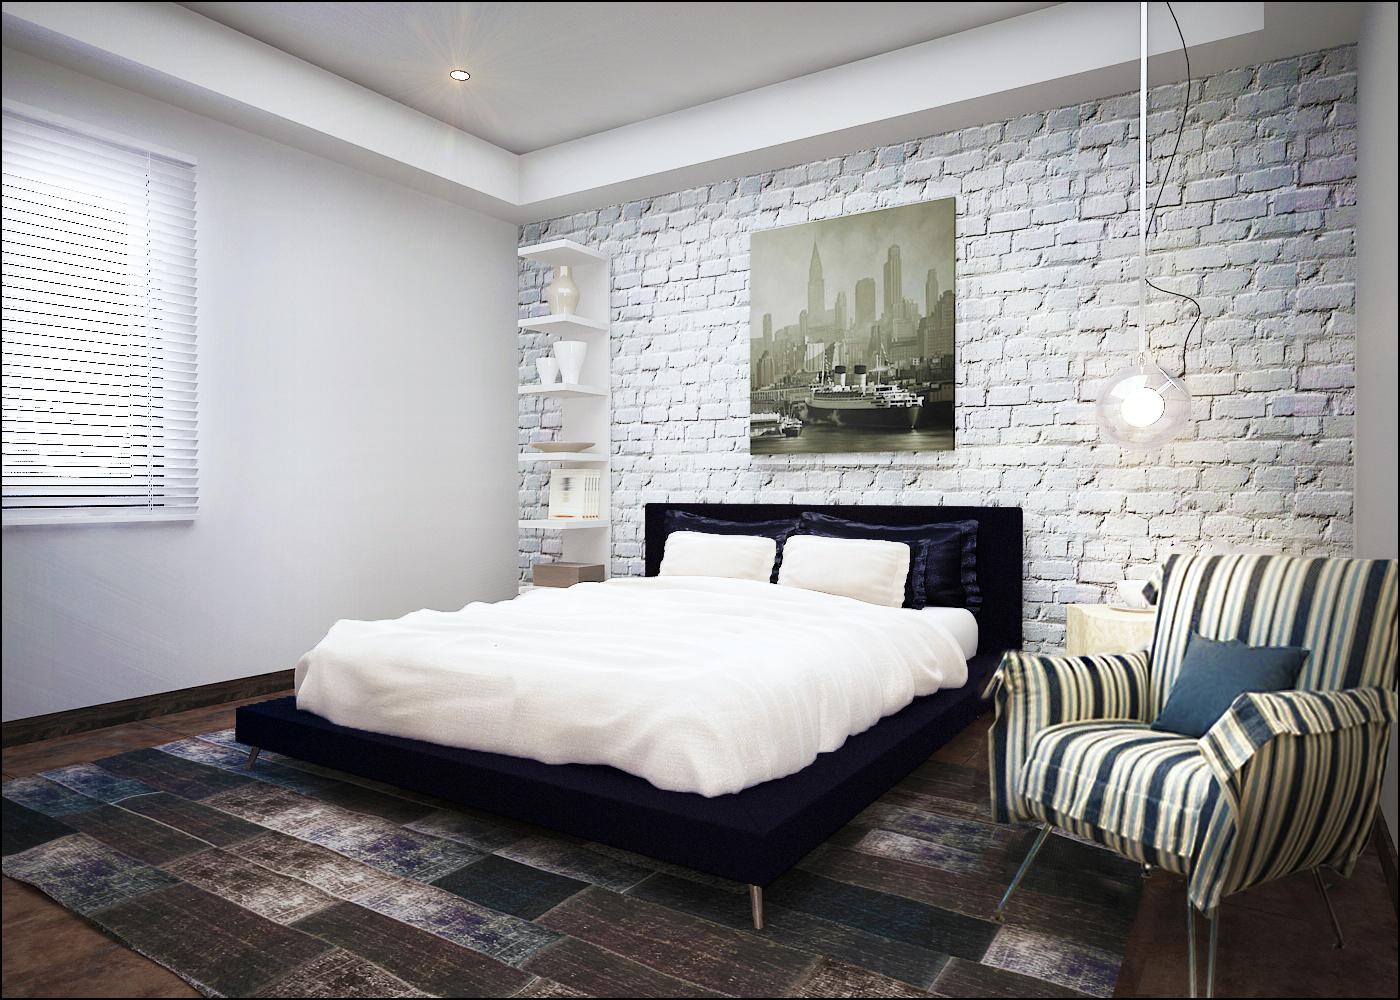 09-Guest Room.jpg